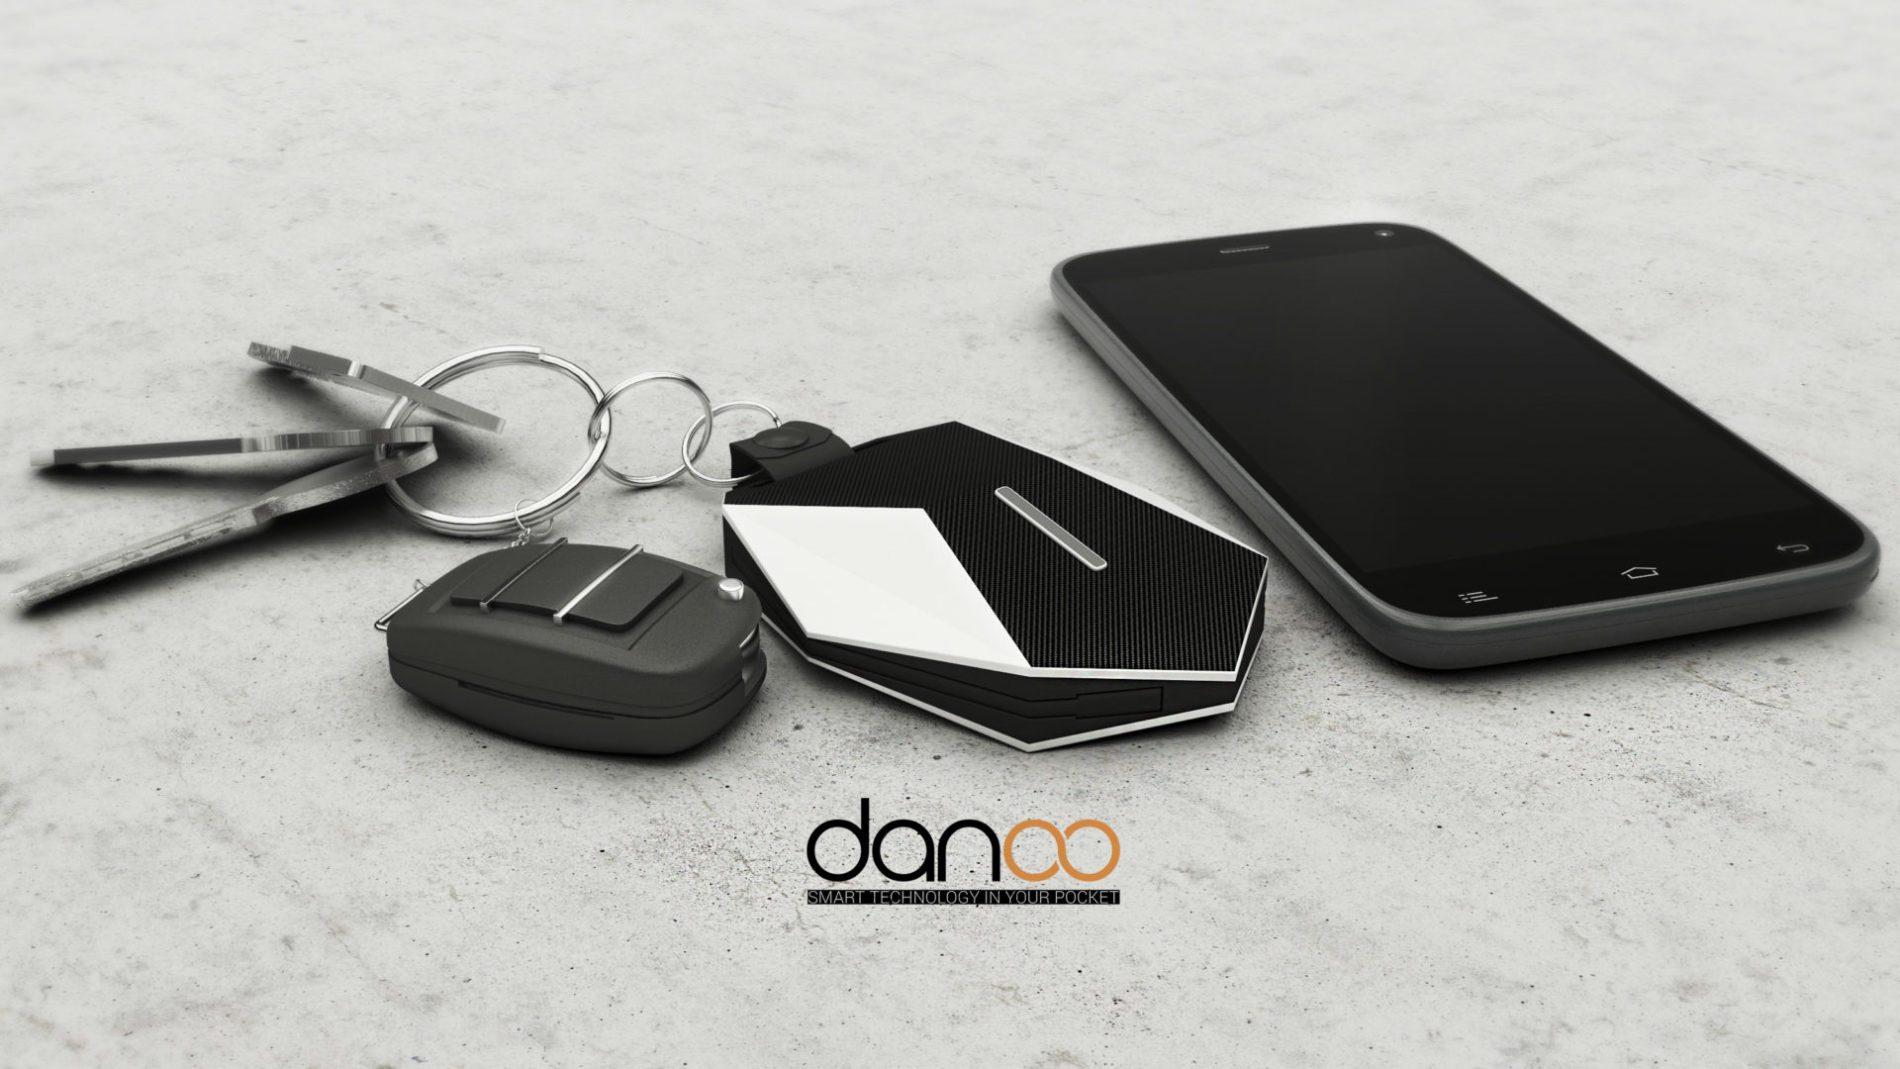 projekt danoo powerbank